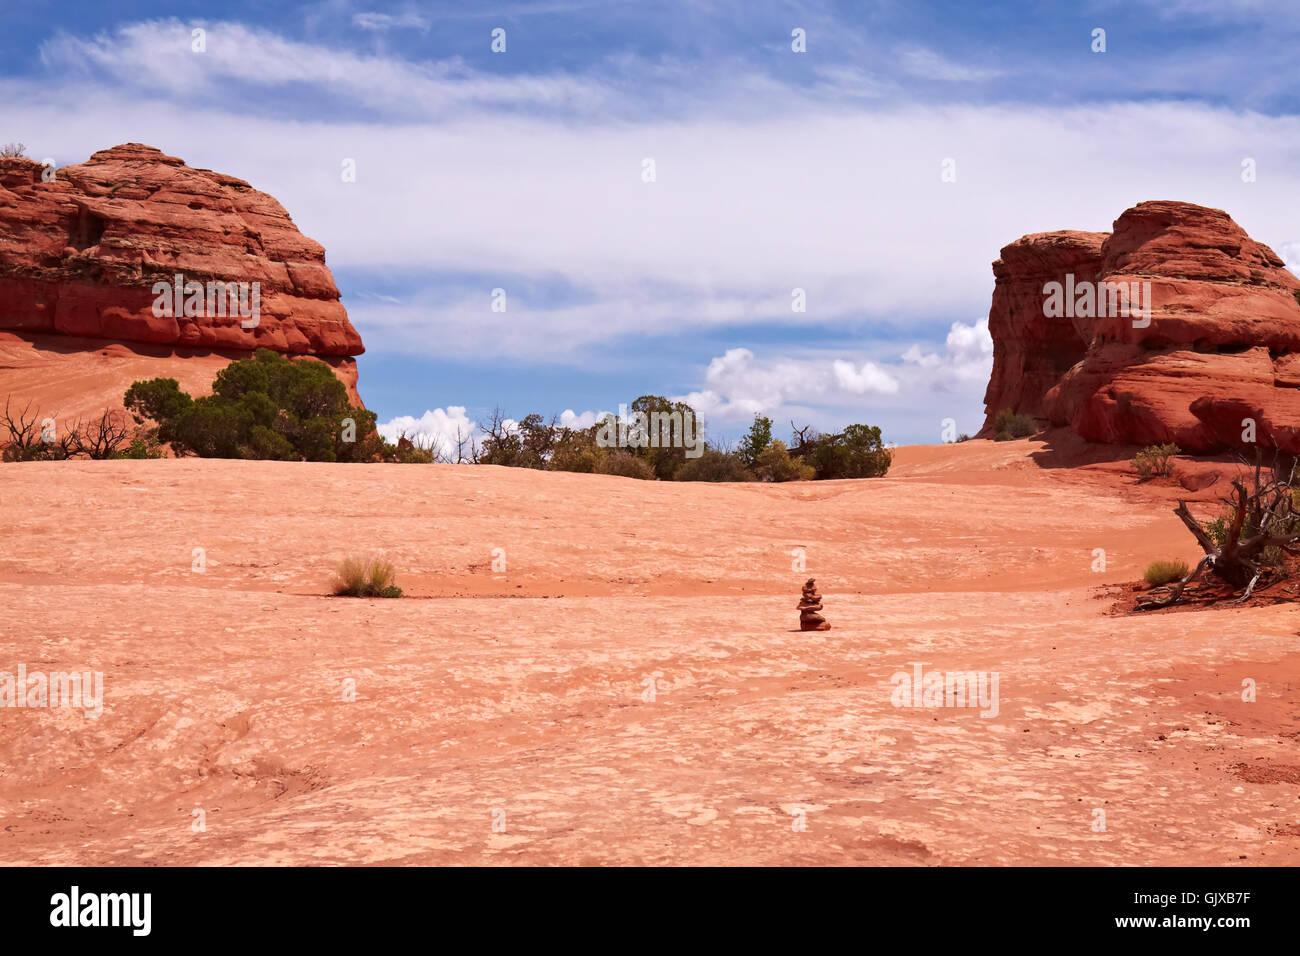 Desert - Stock Image